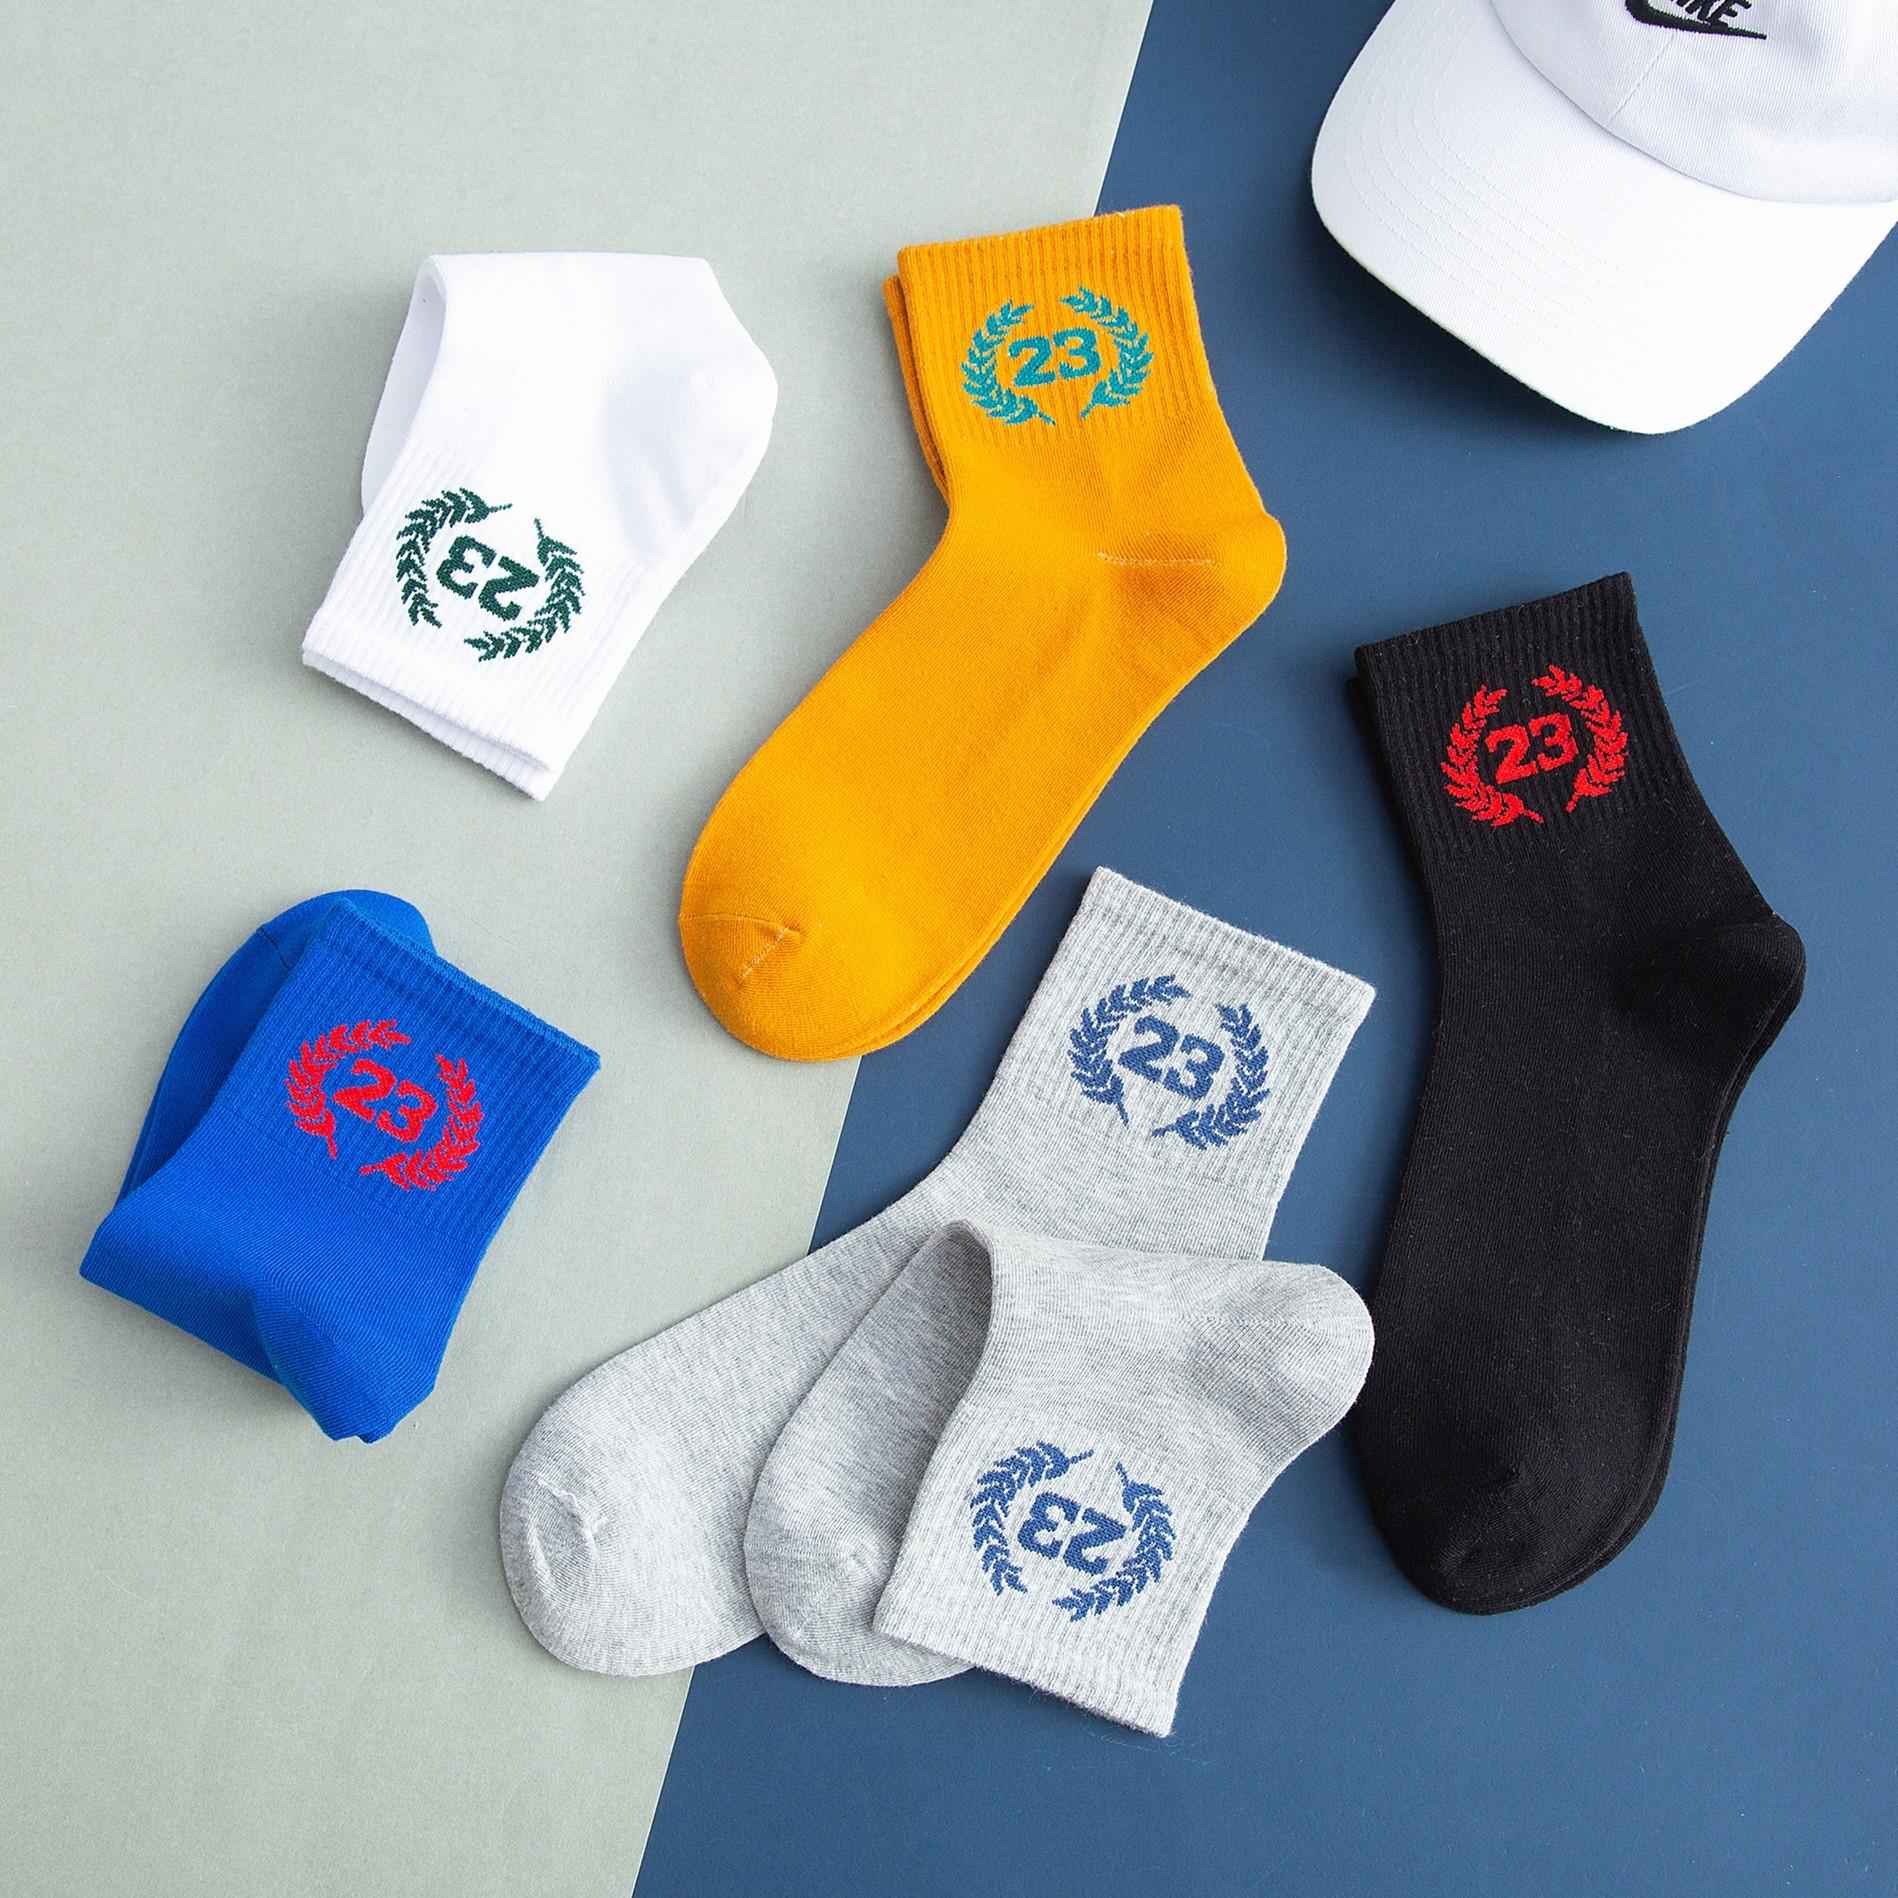 meias socksStockings e sockssocks dos homens da tendência Rua versátil high-end outono e meias de inverno dos homens ins marca de moda grossa VTKtr V